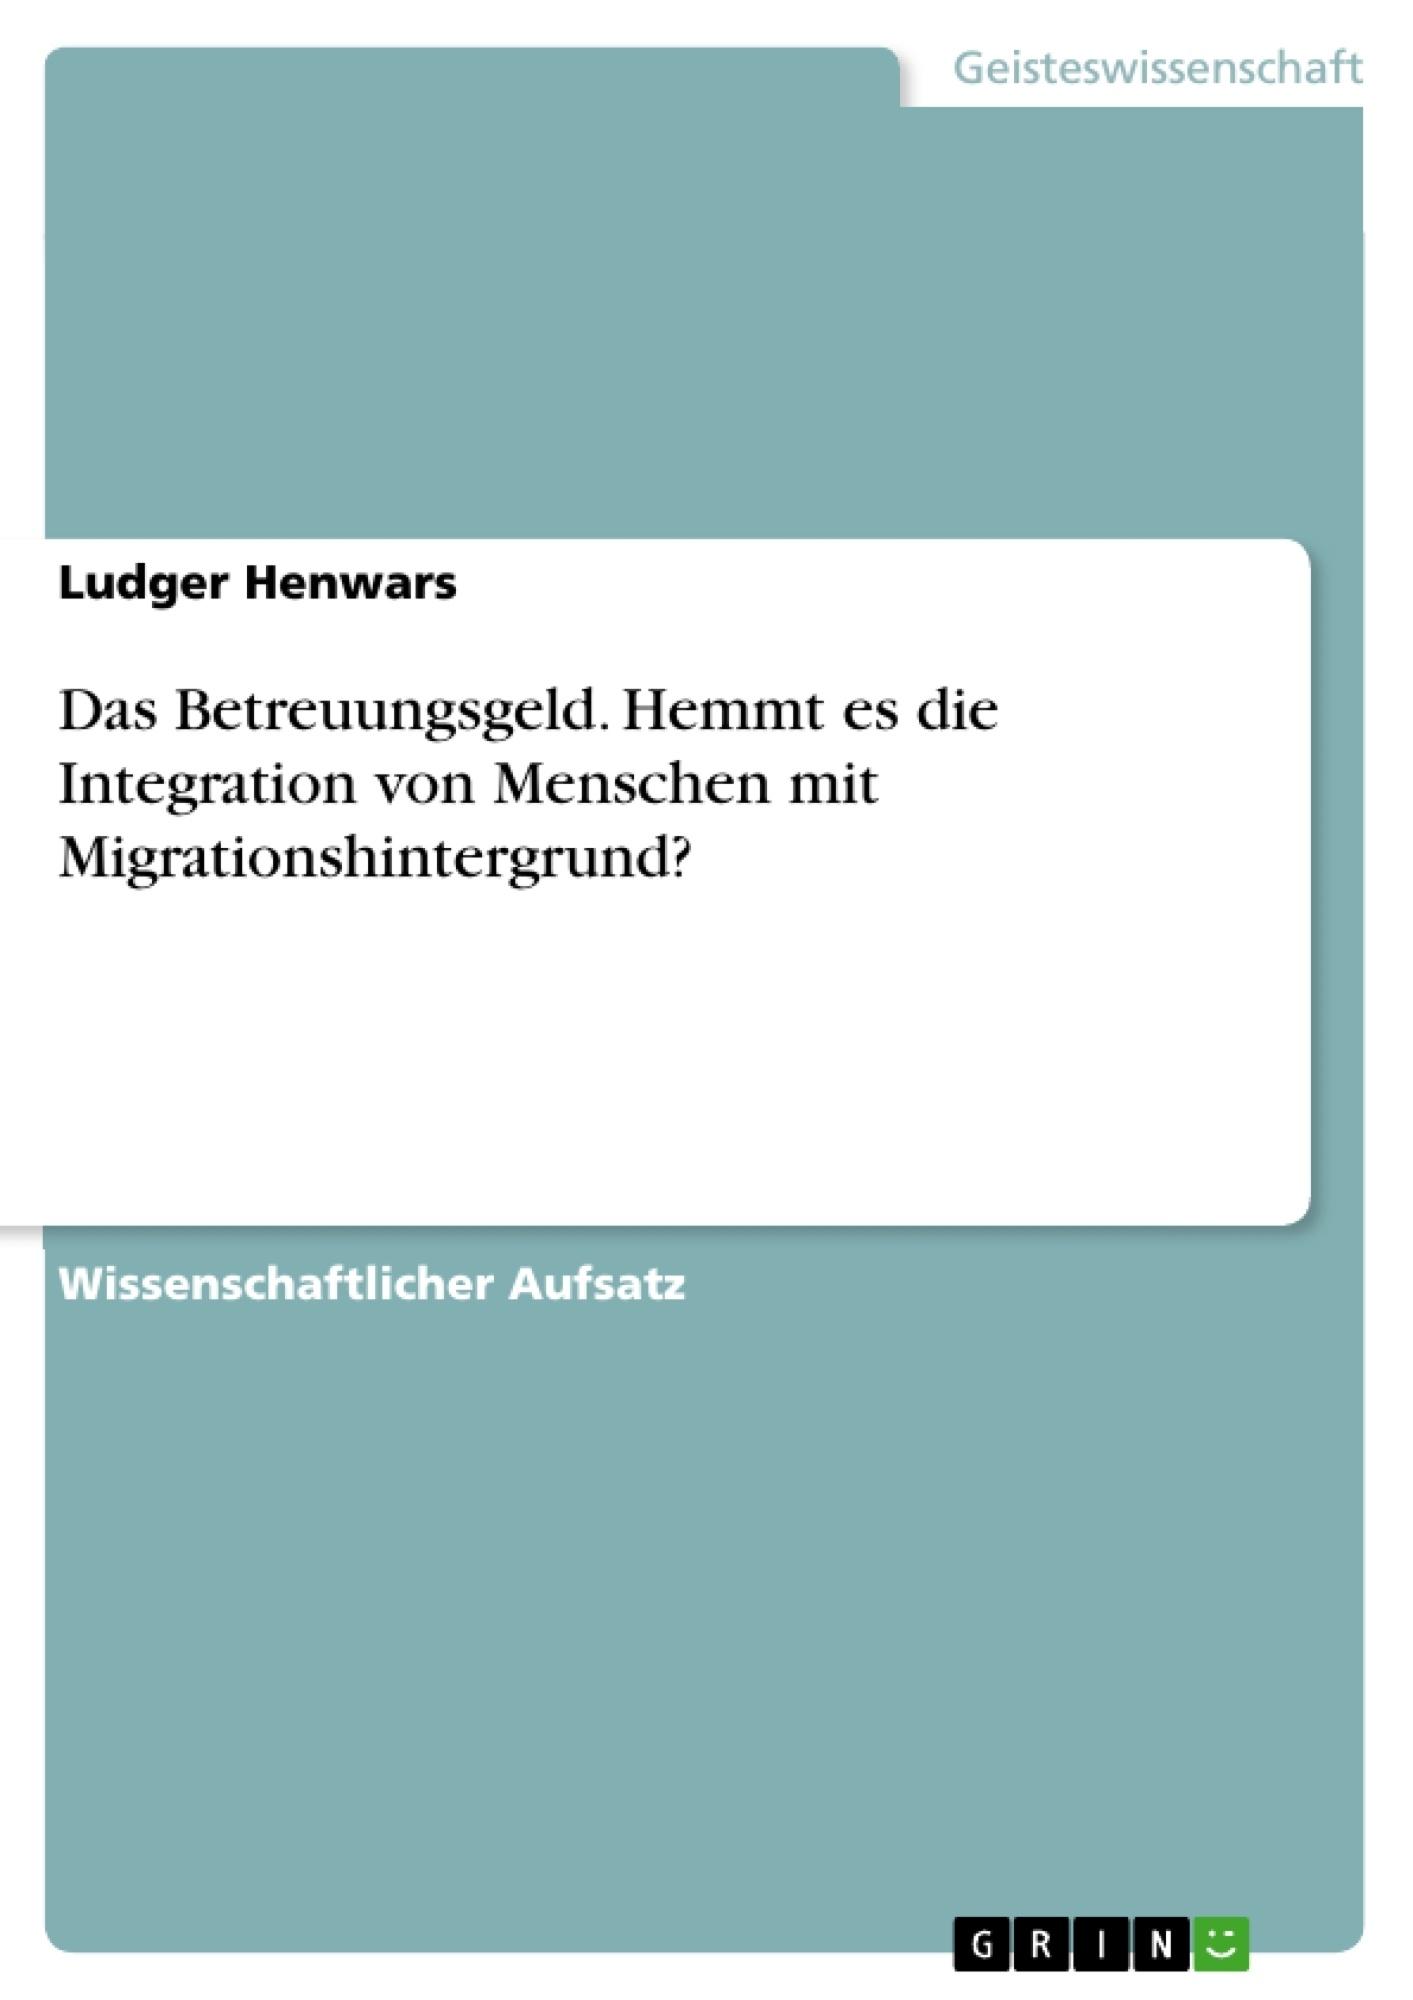 Titel: Das Betreuungsgeld. Hemmt es die Integration von Menschen mit Migrationshintergrund?